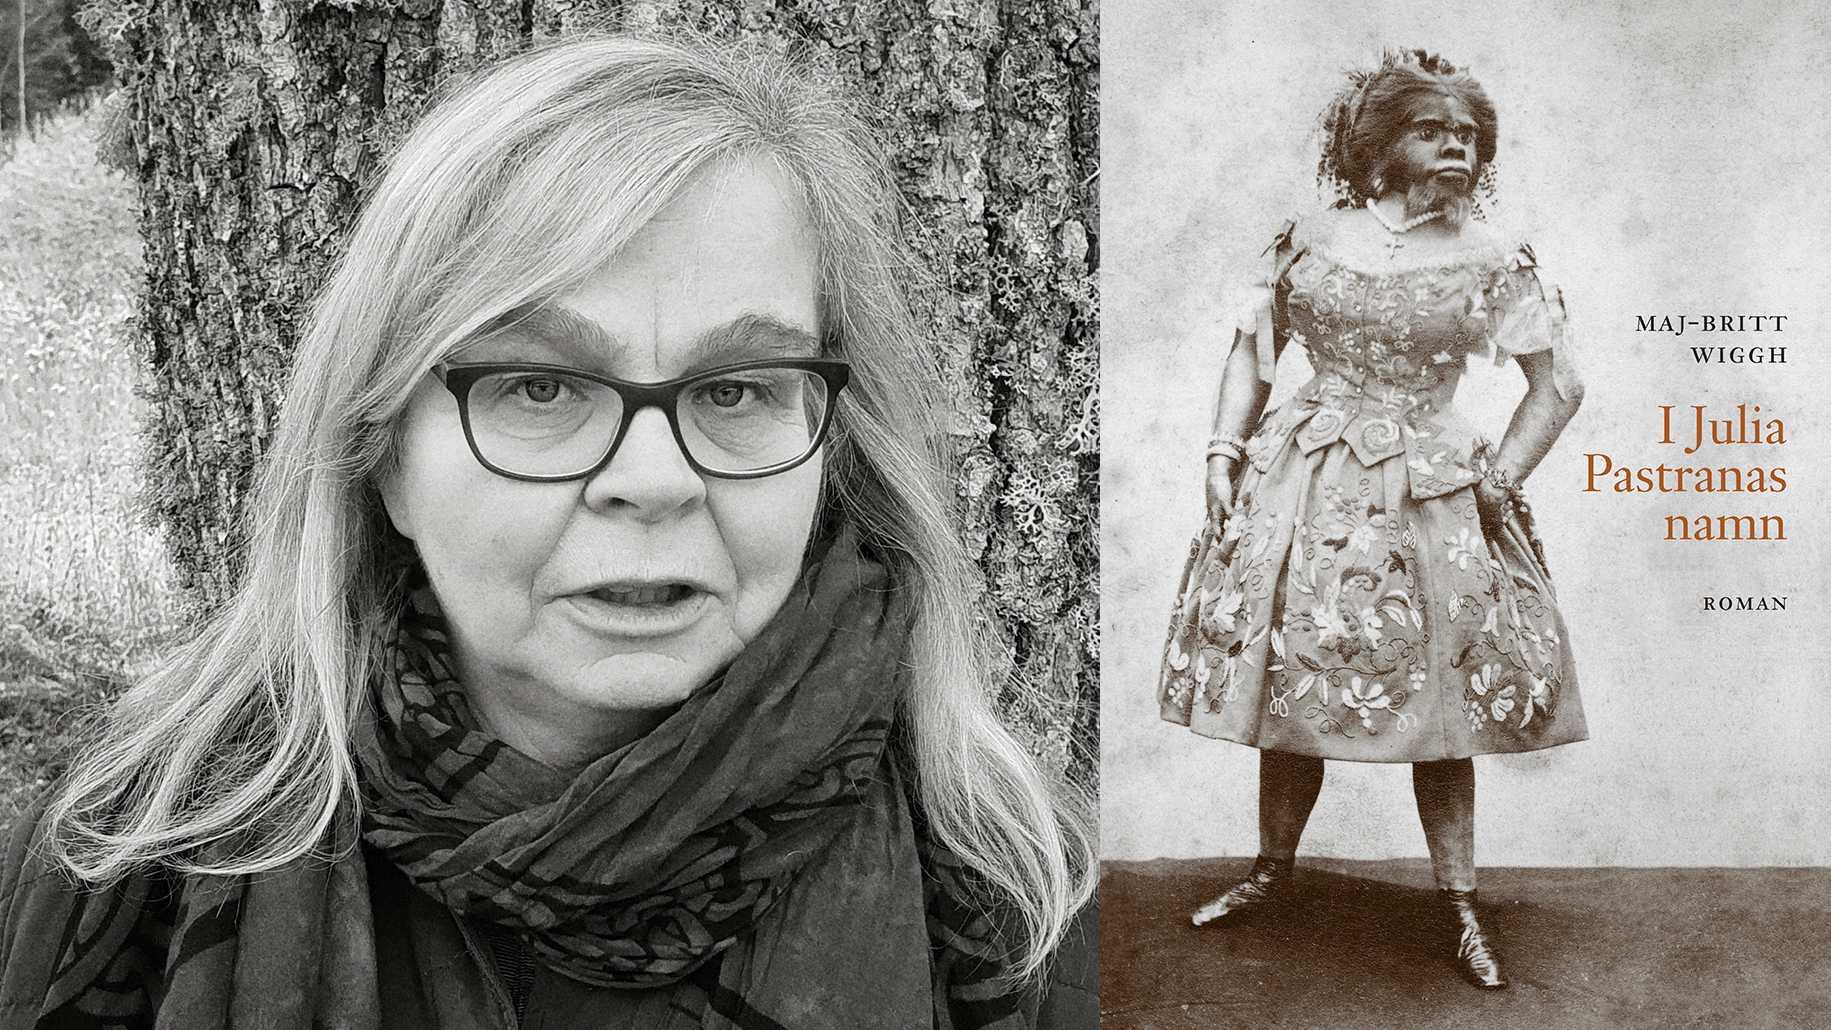 Maj-Britt Wiggh, författare (född 1952), debuterade med romanen Månsådd 1989.